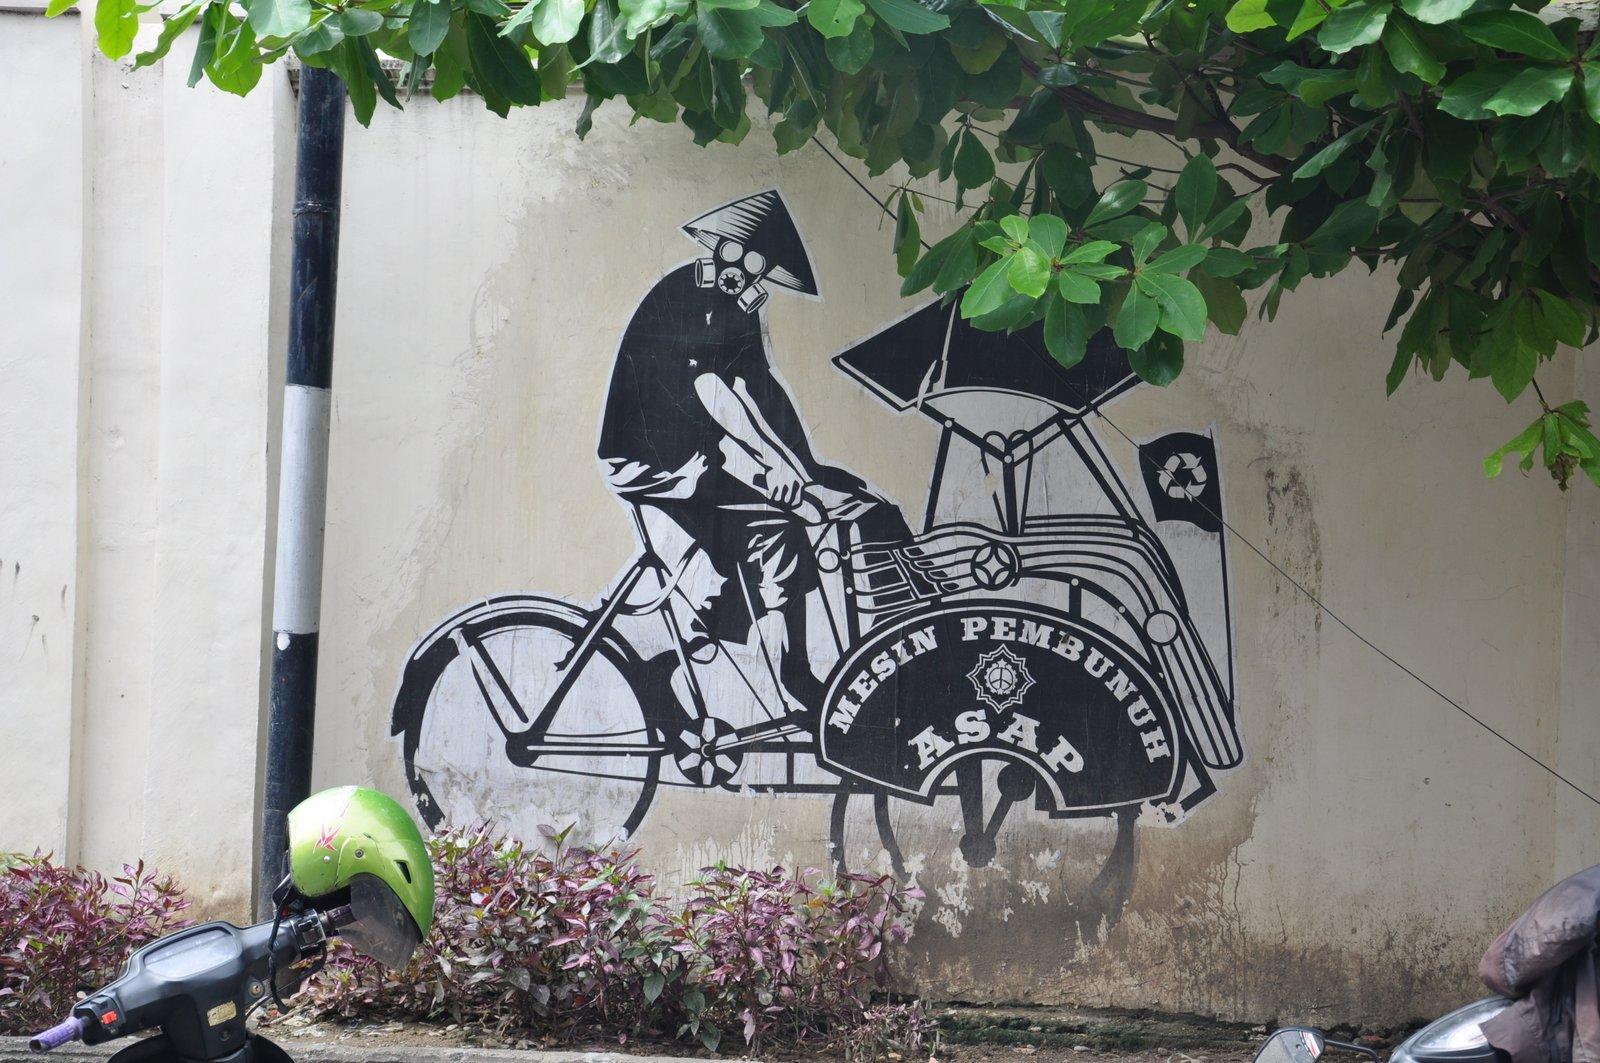 Un mural de arte callejero que denuncia los peligros de la contaminación y defiende el uso de becaks ecológicos